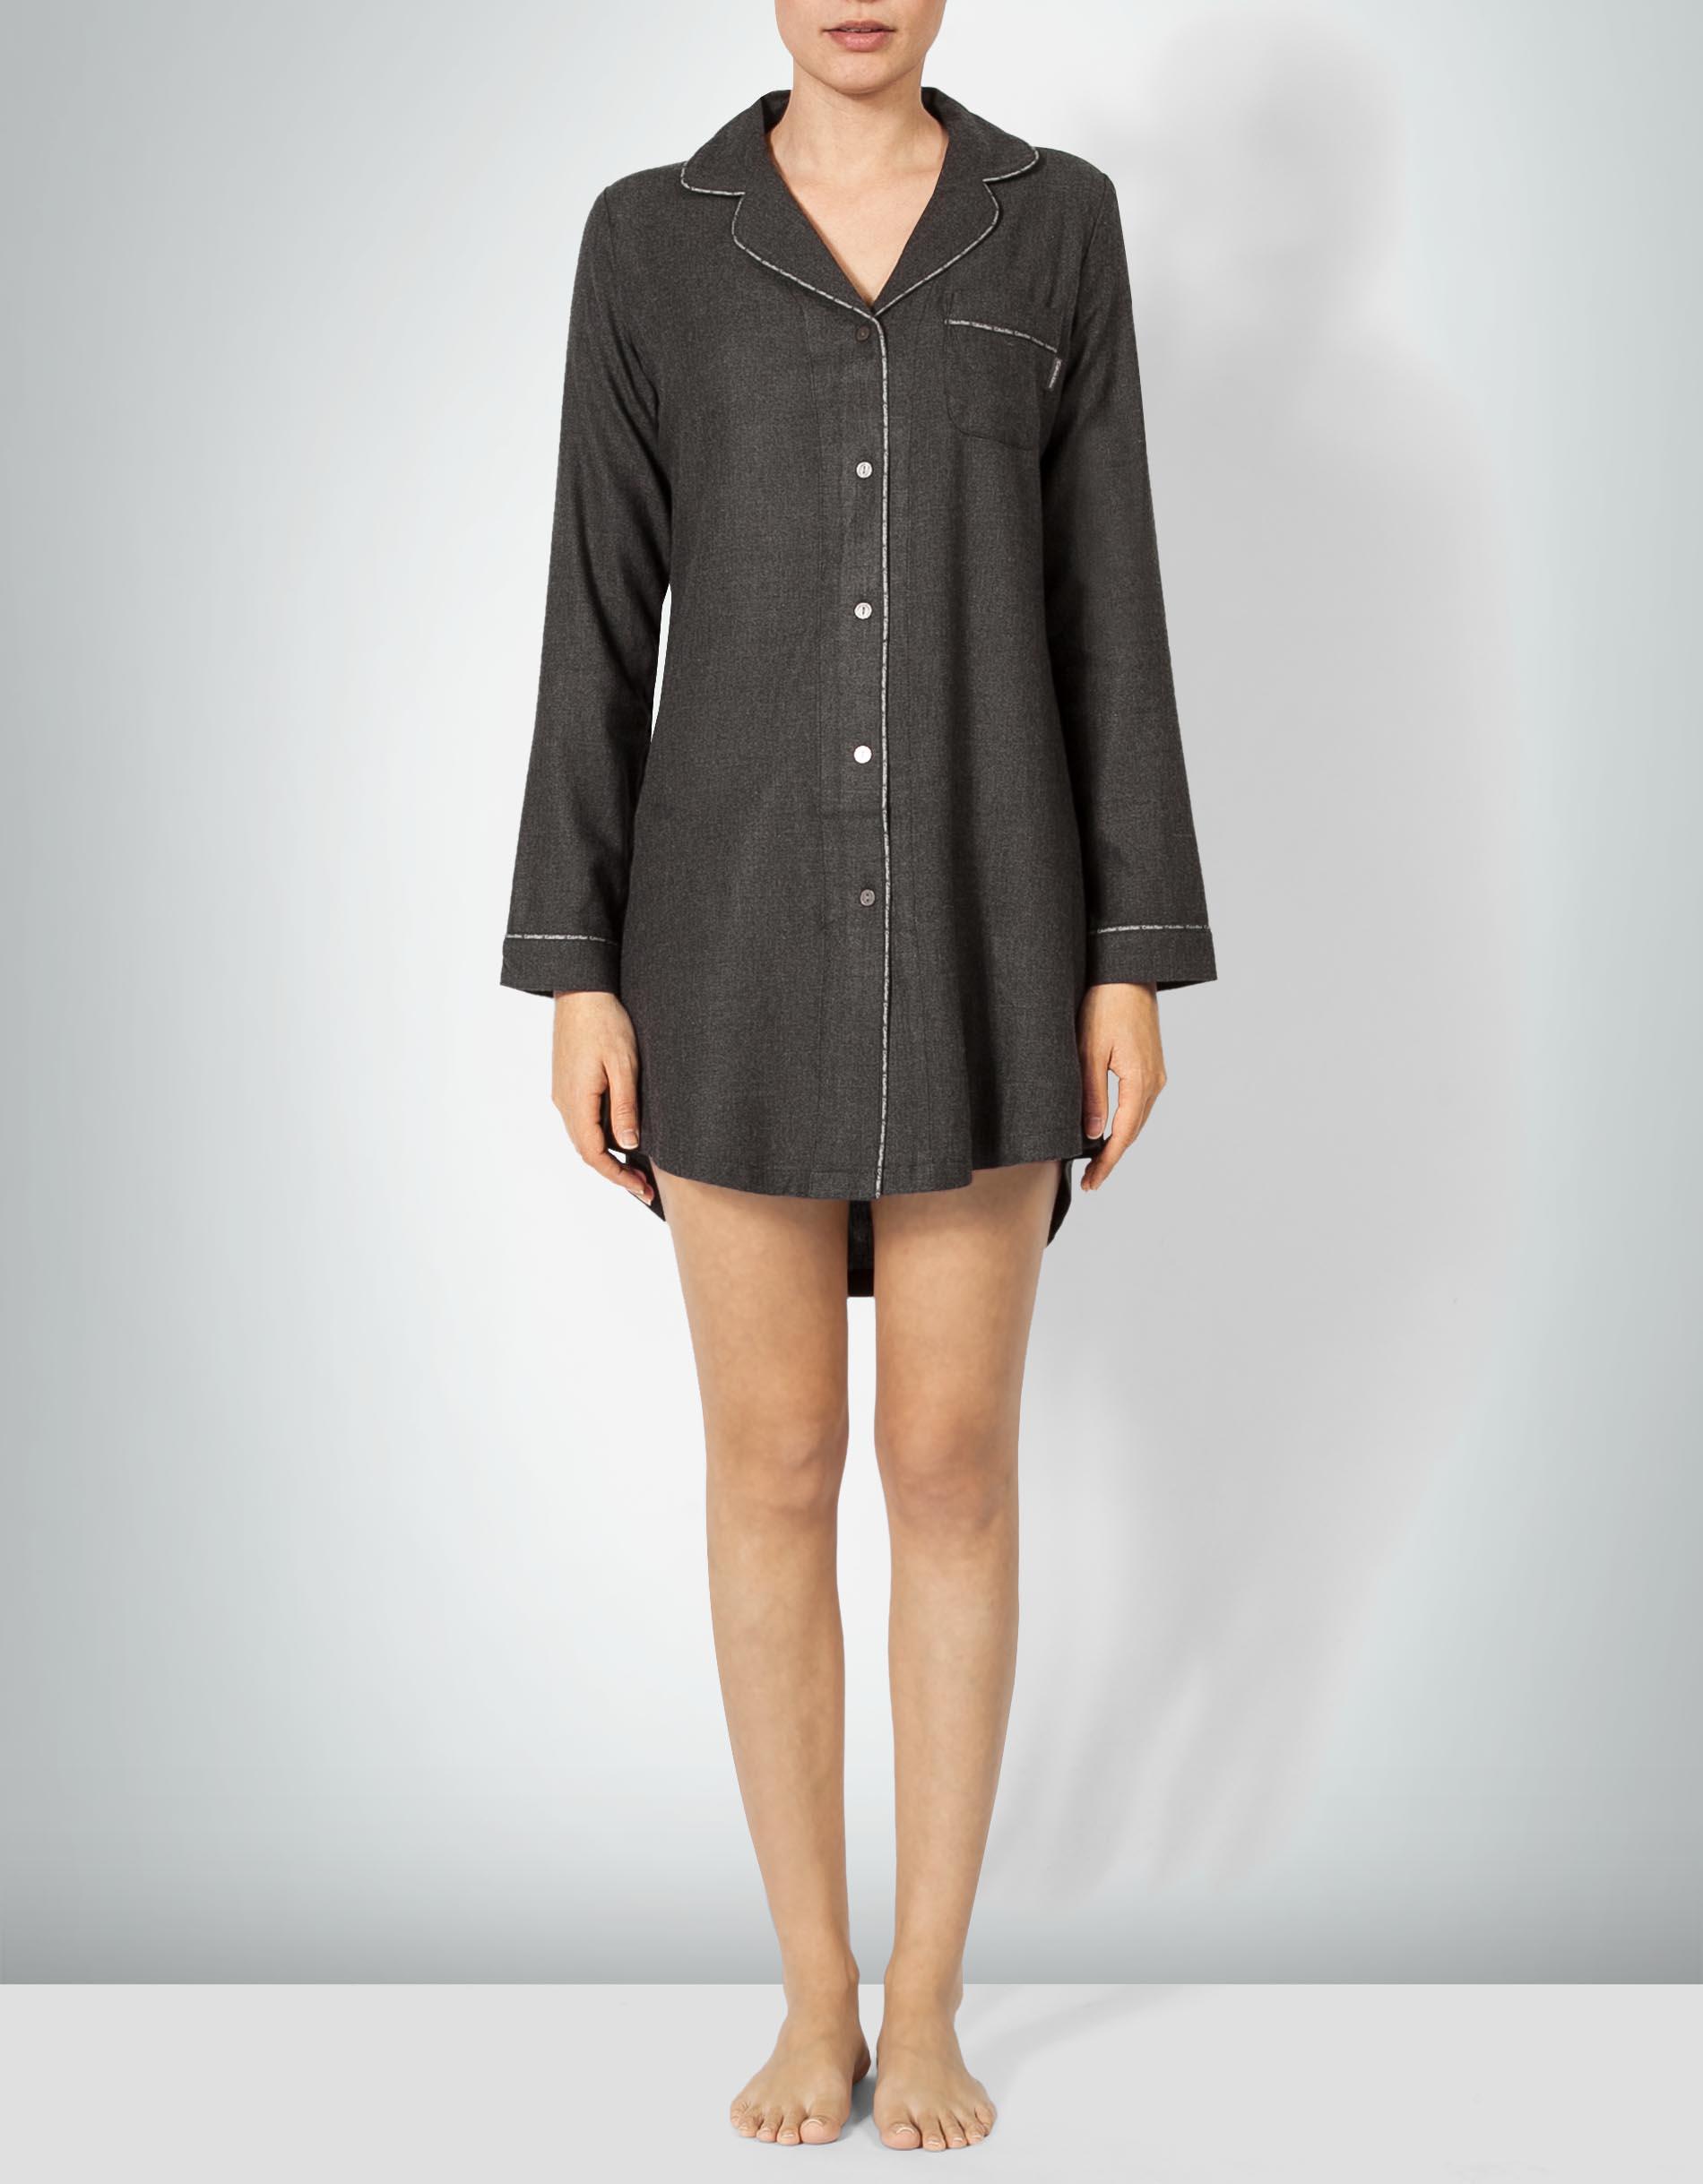 neuer Stil von 2019 größte Auswahl an professionelles Design Calvin Klein Underwear Calvin Klein Damen Nachthemd mit Logo ...